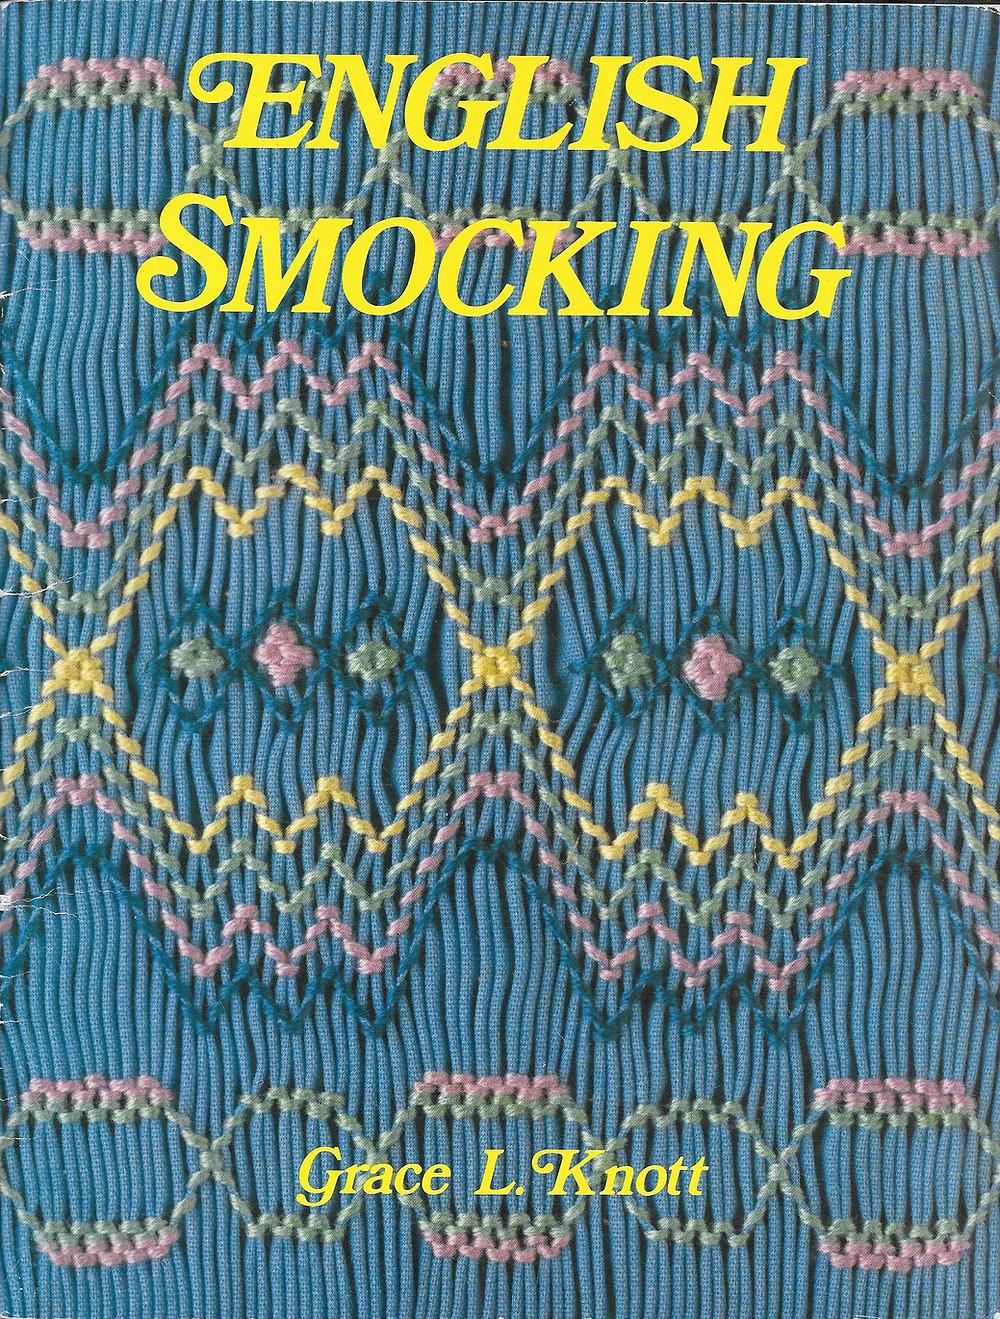 English Smocking